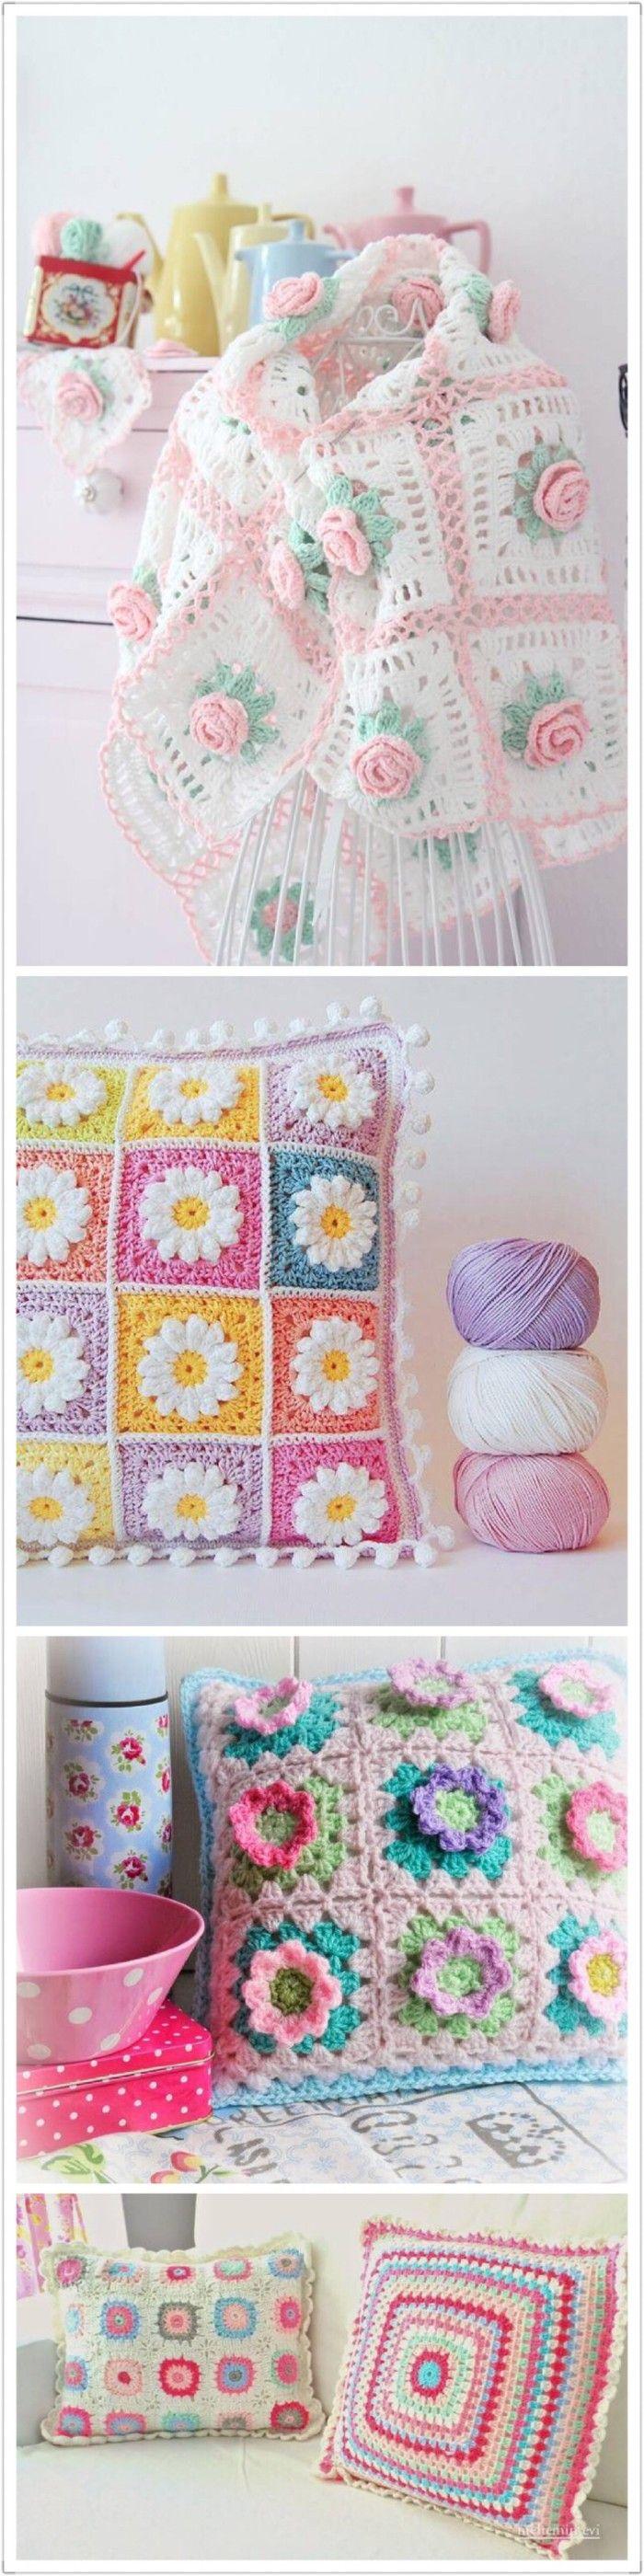 Mejores 24 imágenes de crochet en Pinterest | Patrones de punto ...